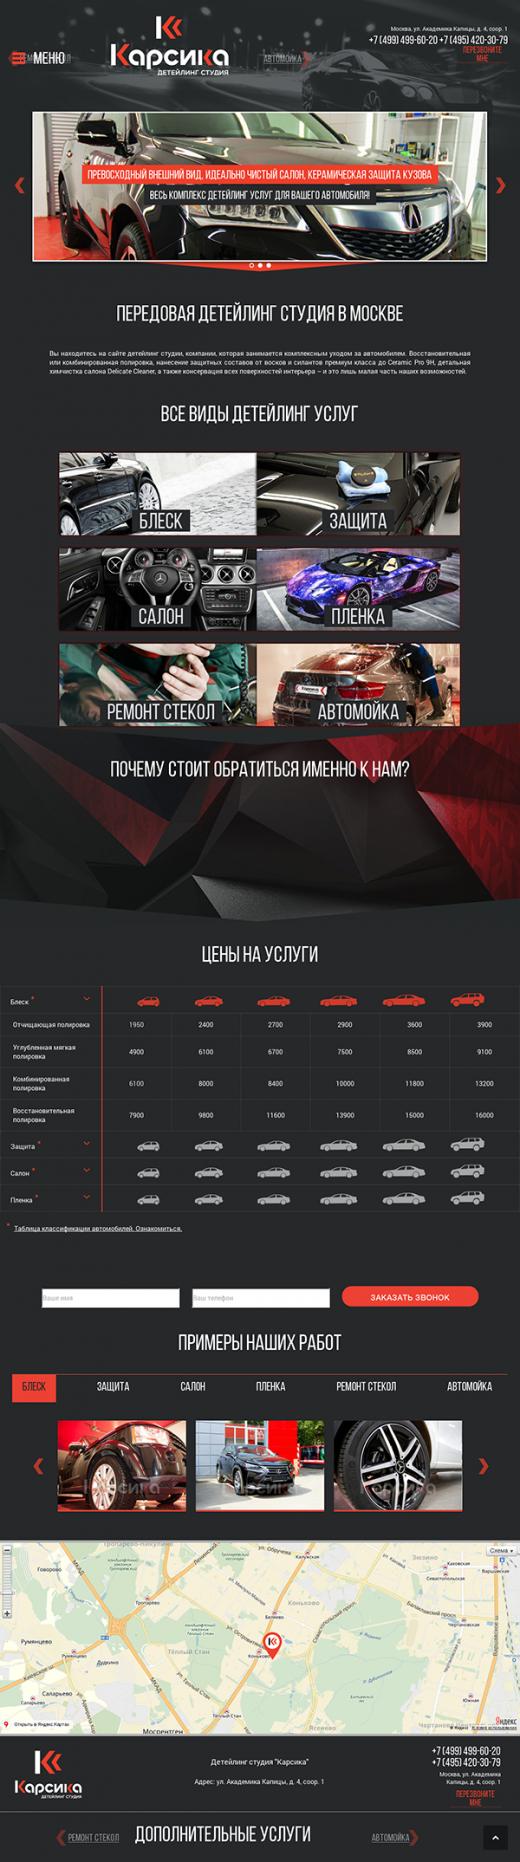 carsica.ru-20160505-8a20a0a24c84ed6fe792e2830c3fc836